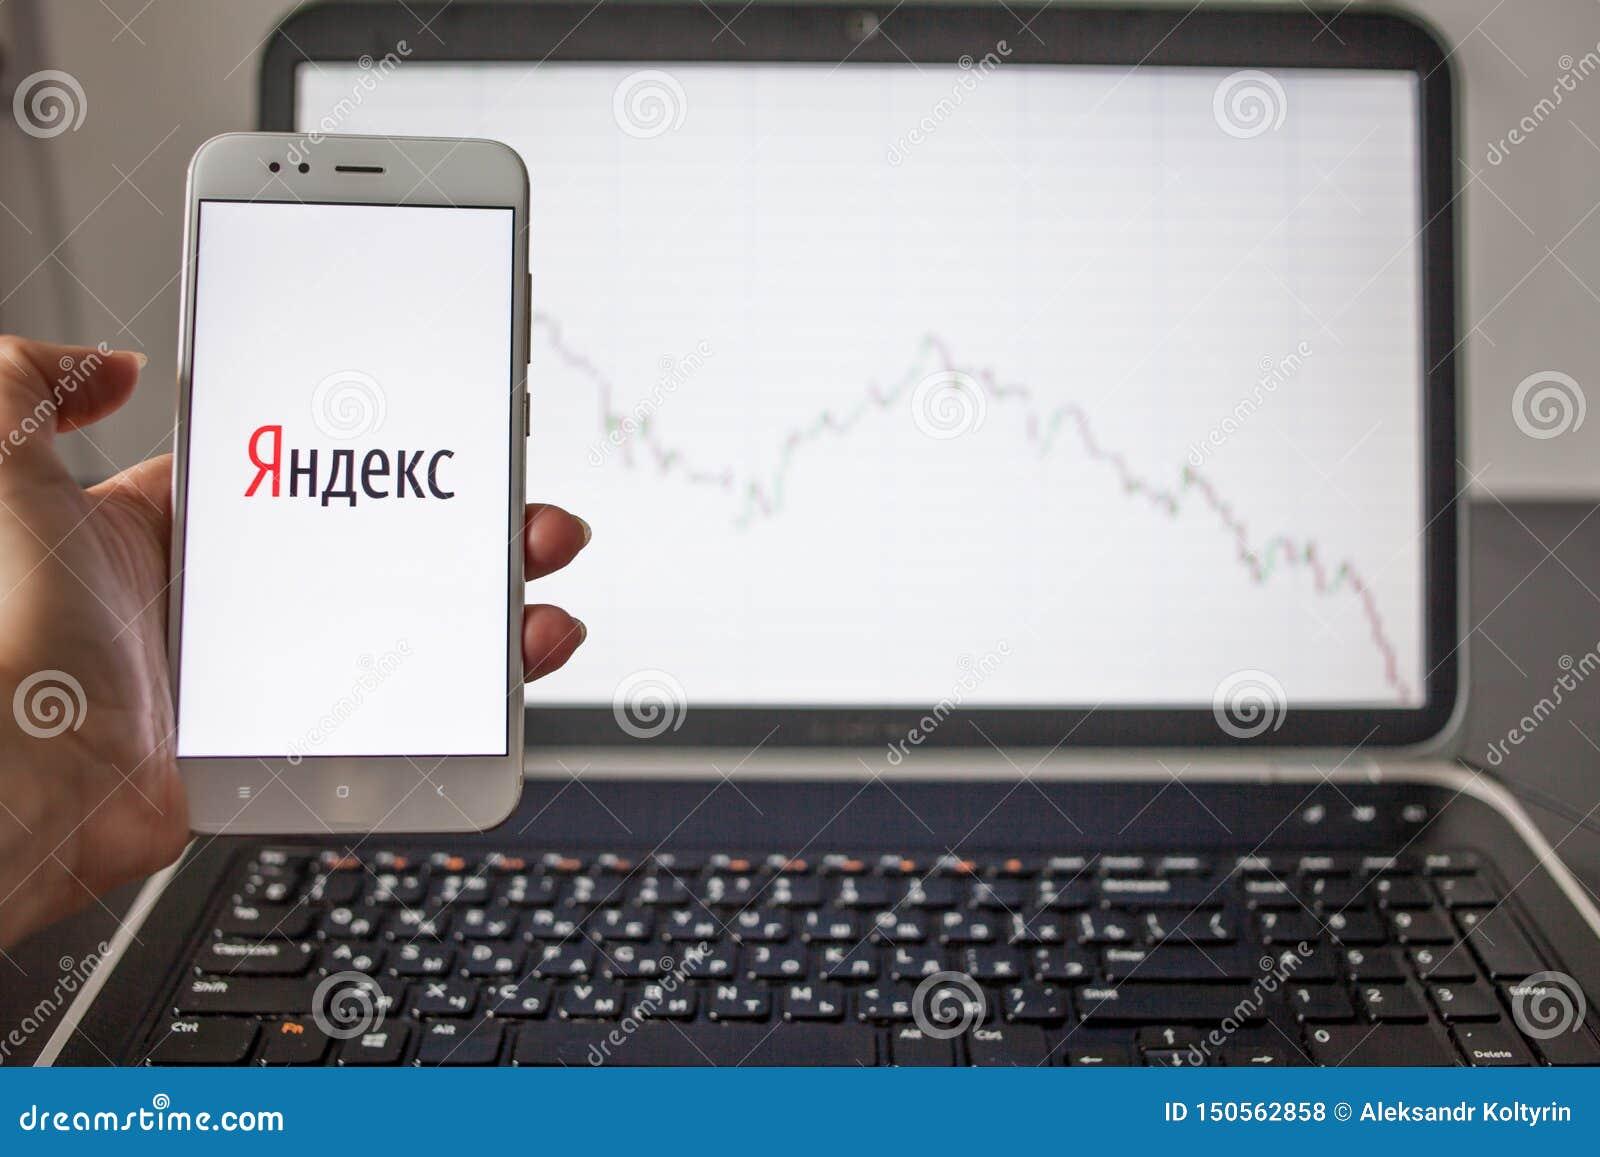 ΑΓΙΟΣ ΠΕΤΡΟΥΠΟΛΗ, ΡΩΣΙΑ - 14 ΜΑΐΟΥ 2019: λογότυπο της ρωσικής εταιρίας τεχνολογίας Yandex στο υπόβαθρο των διαγραμμάτων αποθεμάτω